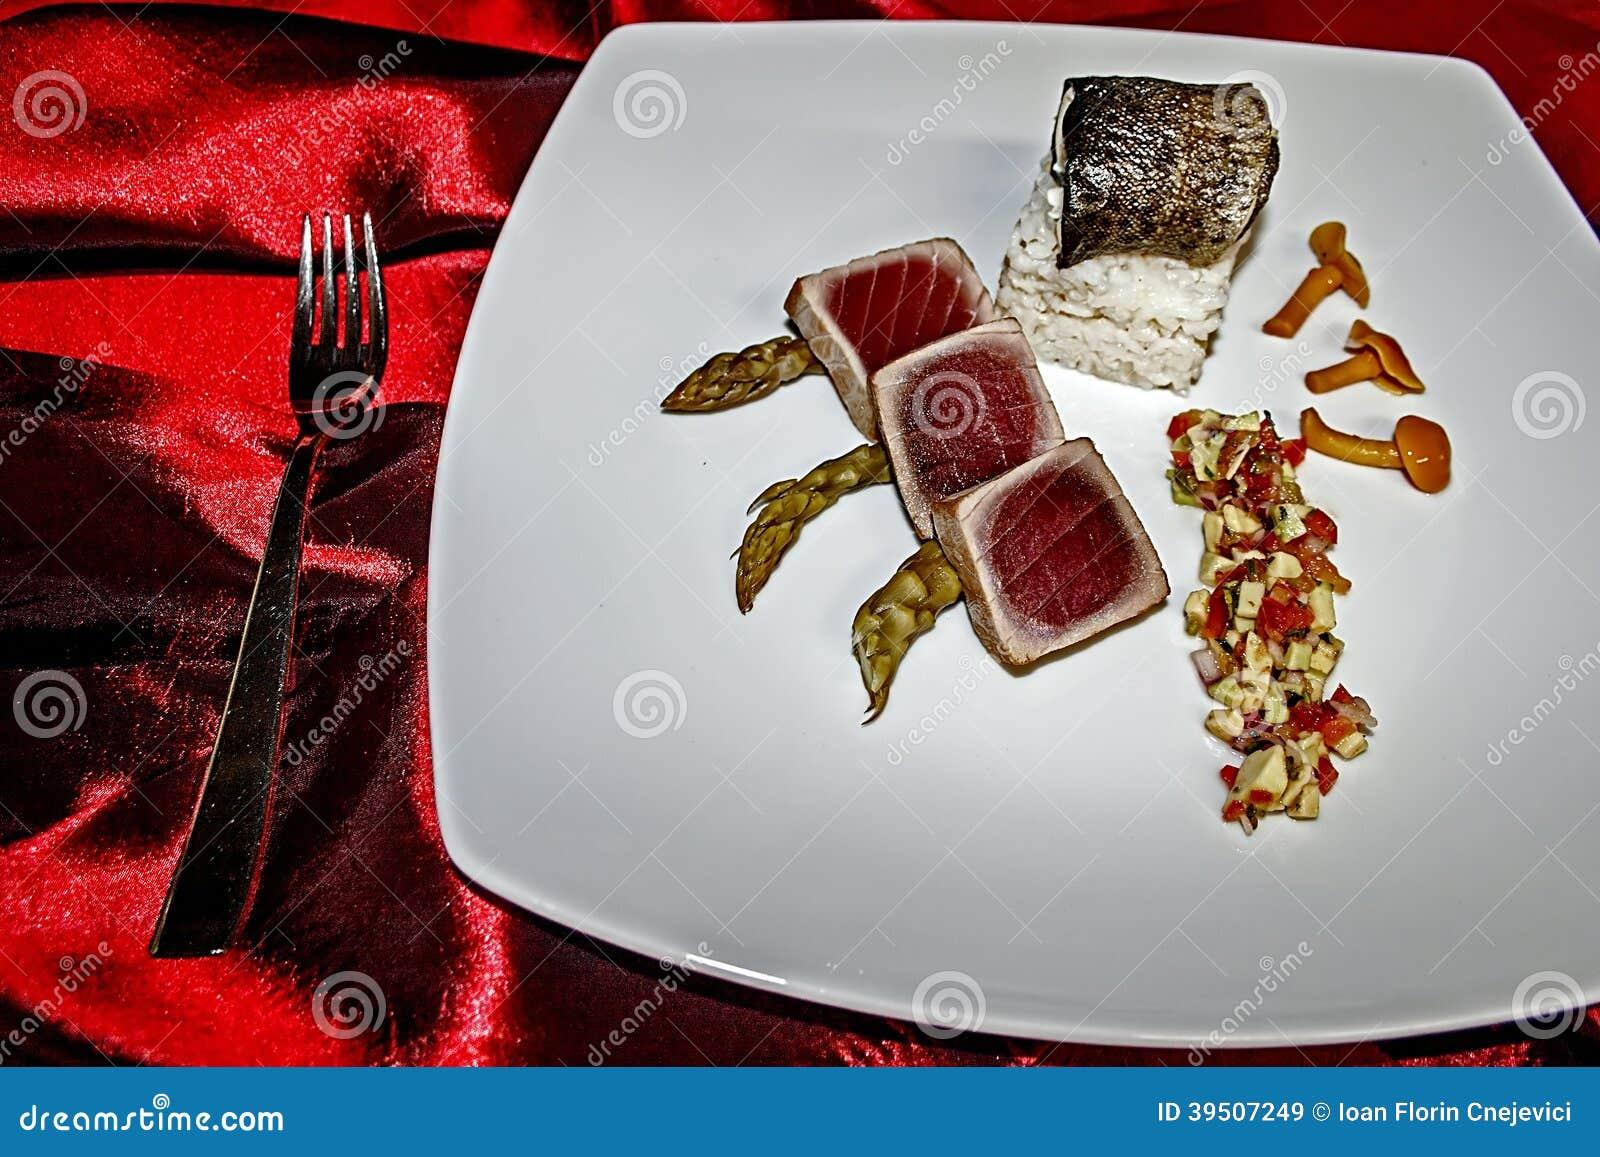 Arrangement of food 4